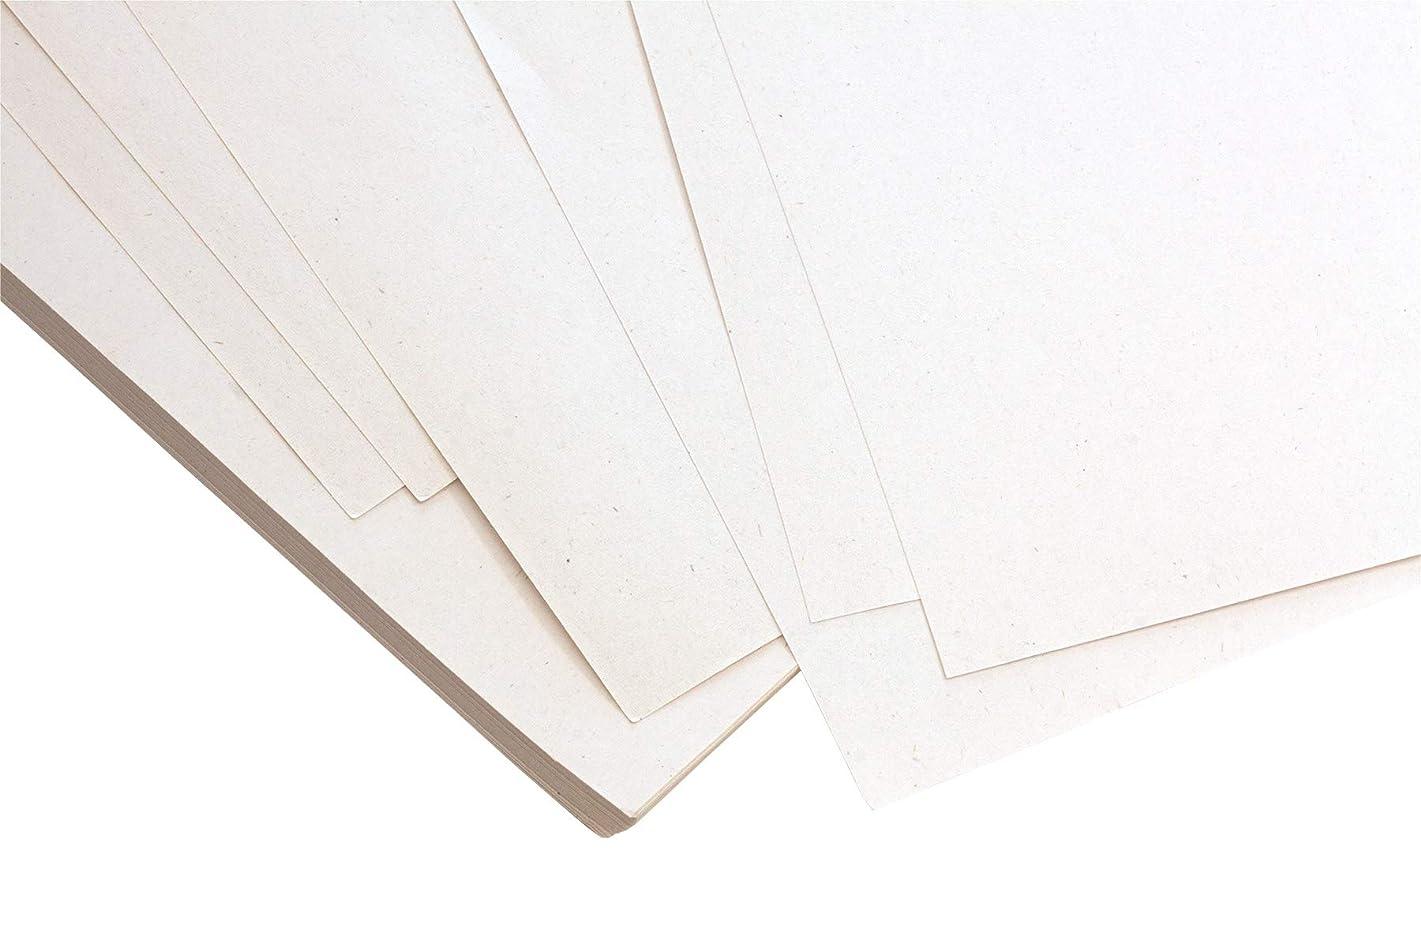 Jack Richeson 100832 35# Bulk Newsprint Paper 12x18 900 Sheets